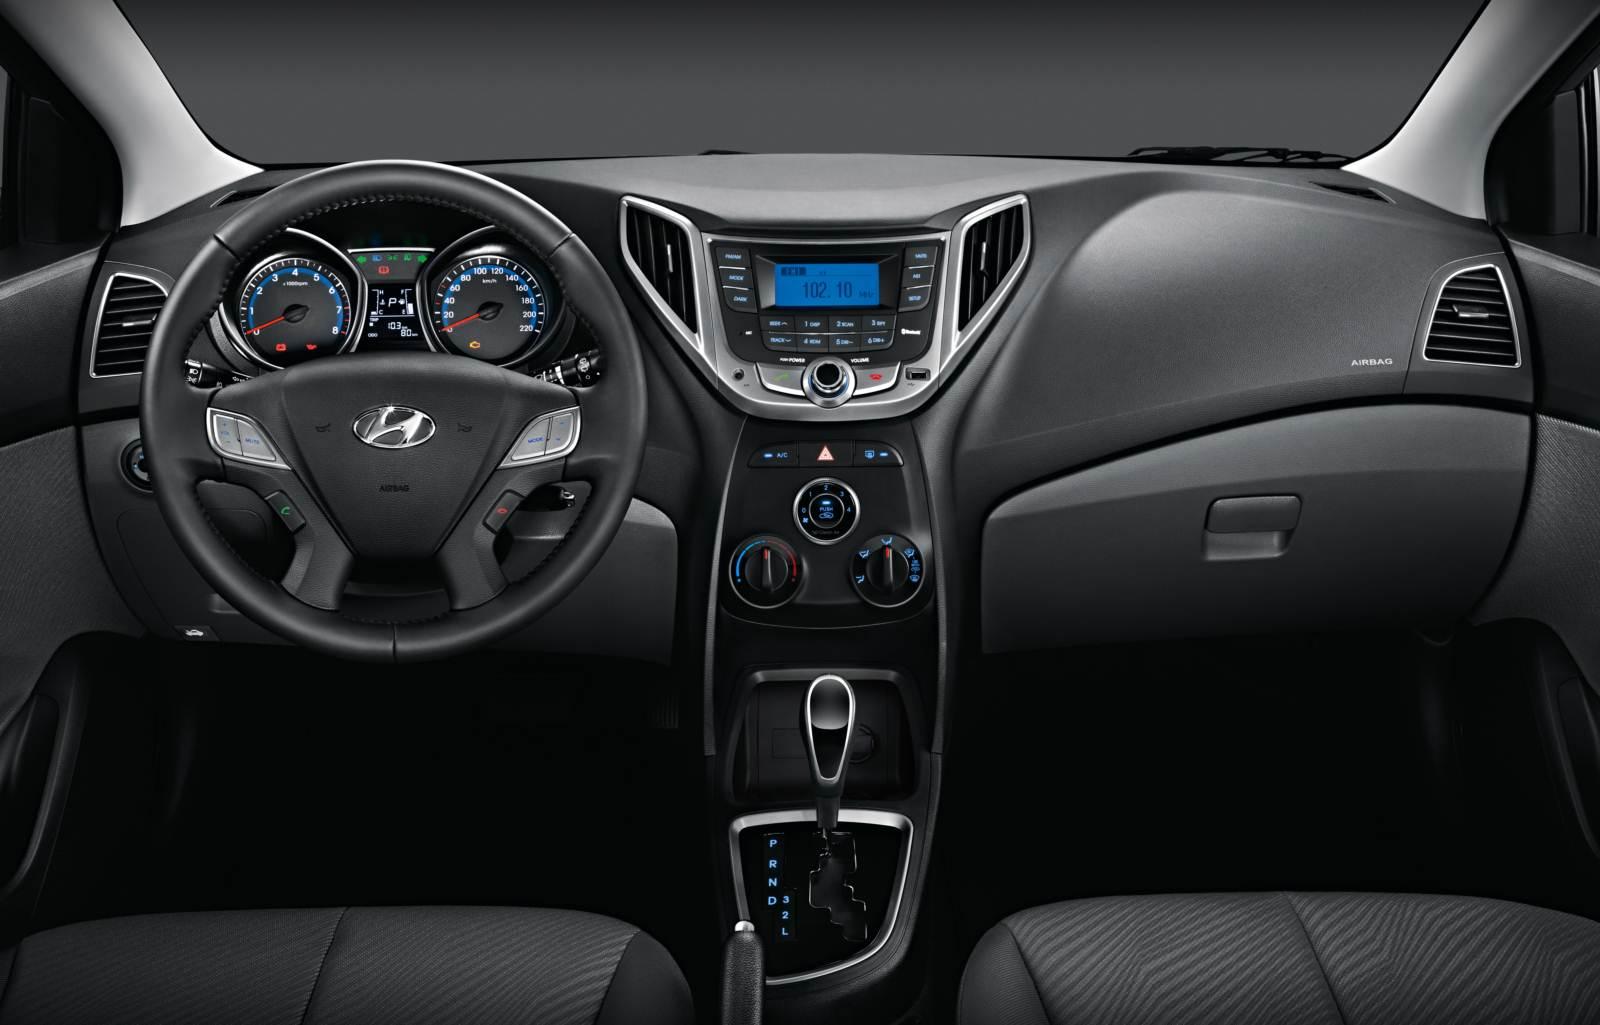 Hyundai HB20S (Sedã) mais barato tem preço de R$ 39.4 mil ...